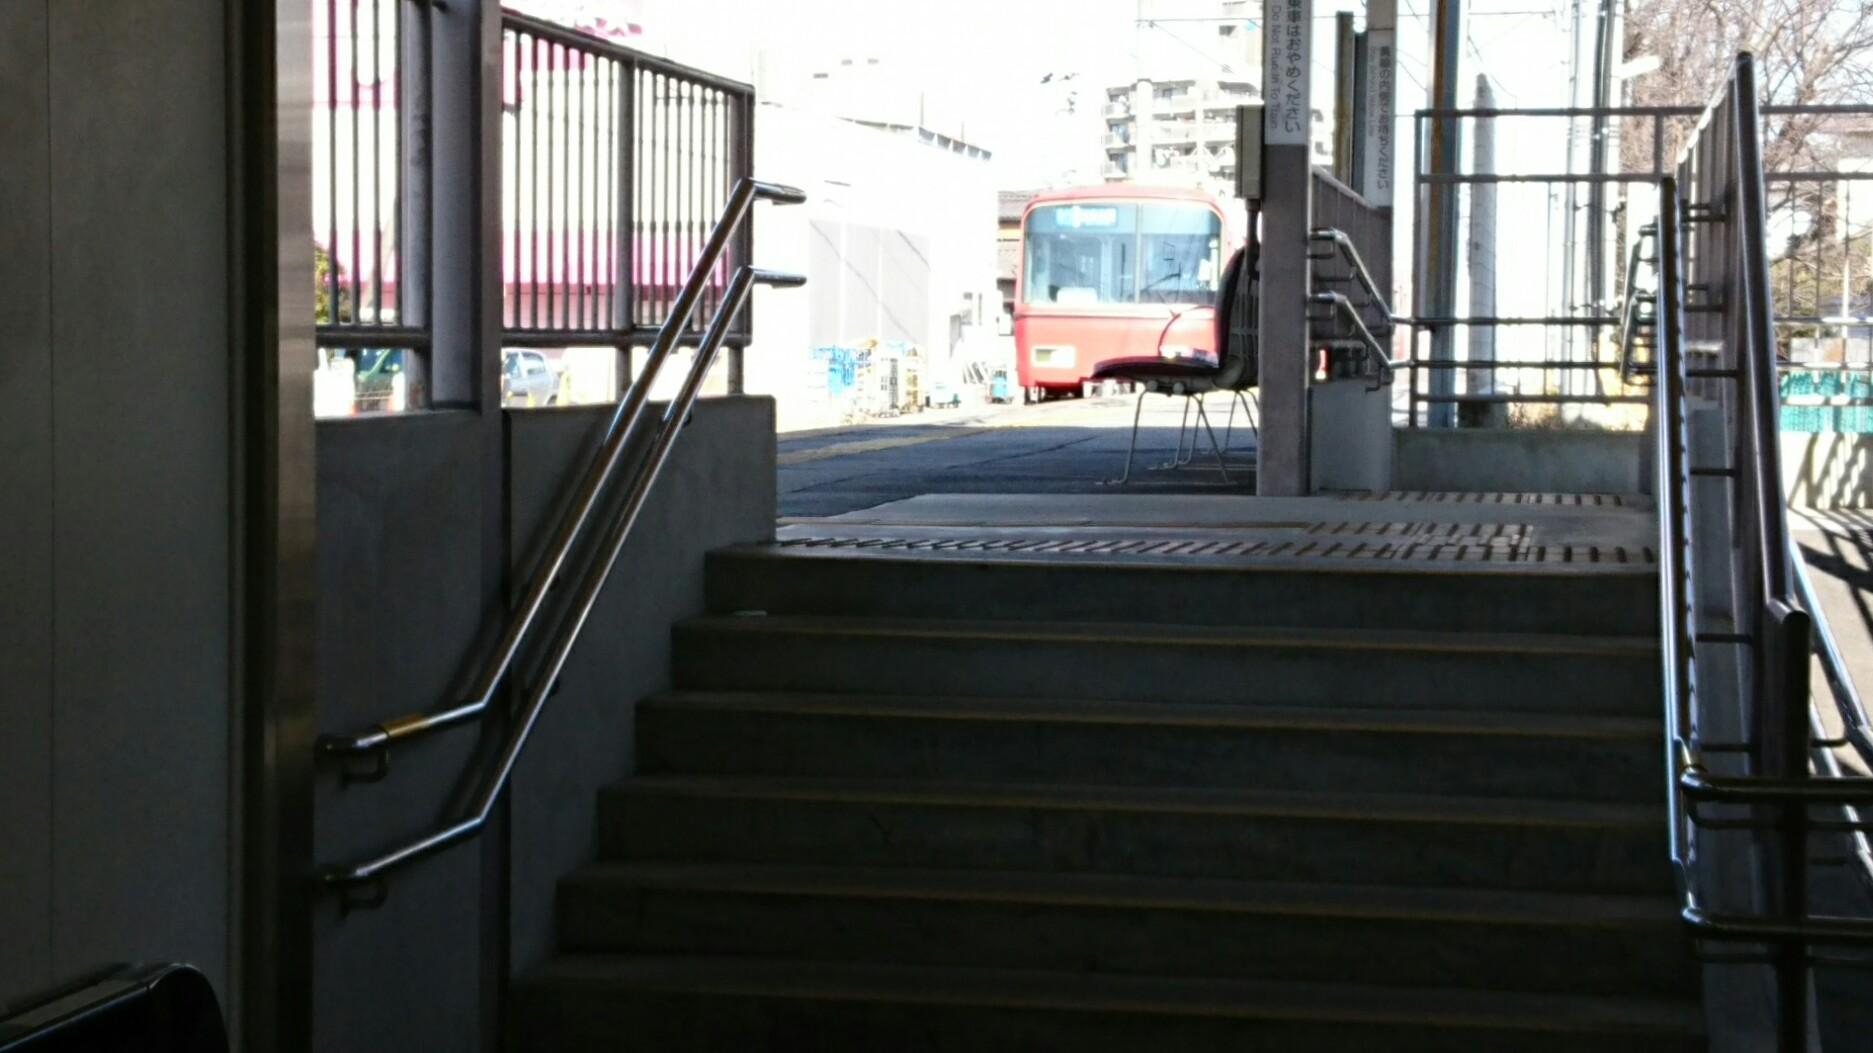 2017.1.21 古井 (6) 吉良吉田いき急行